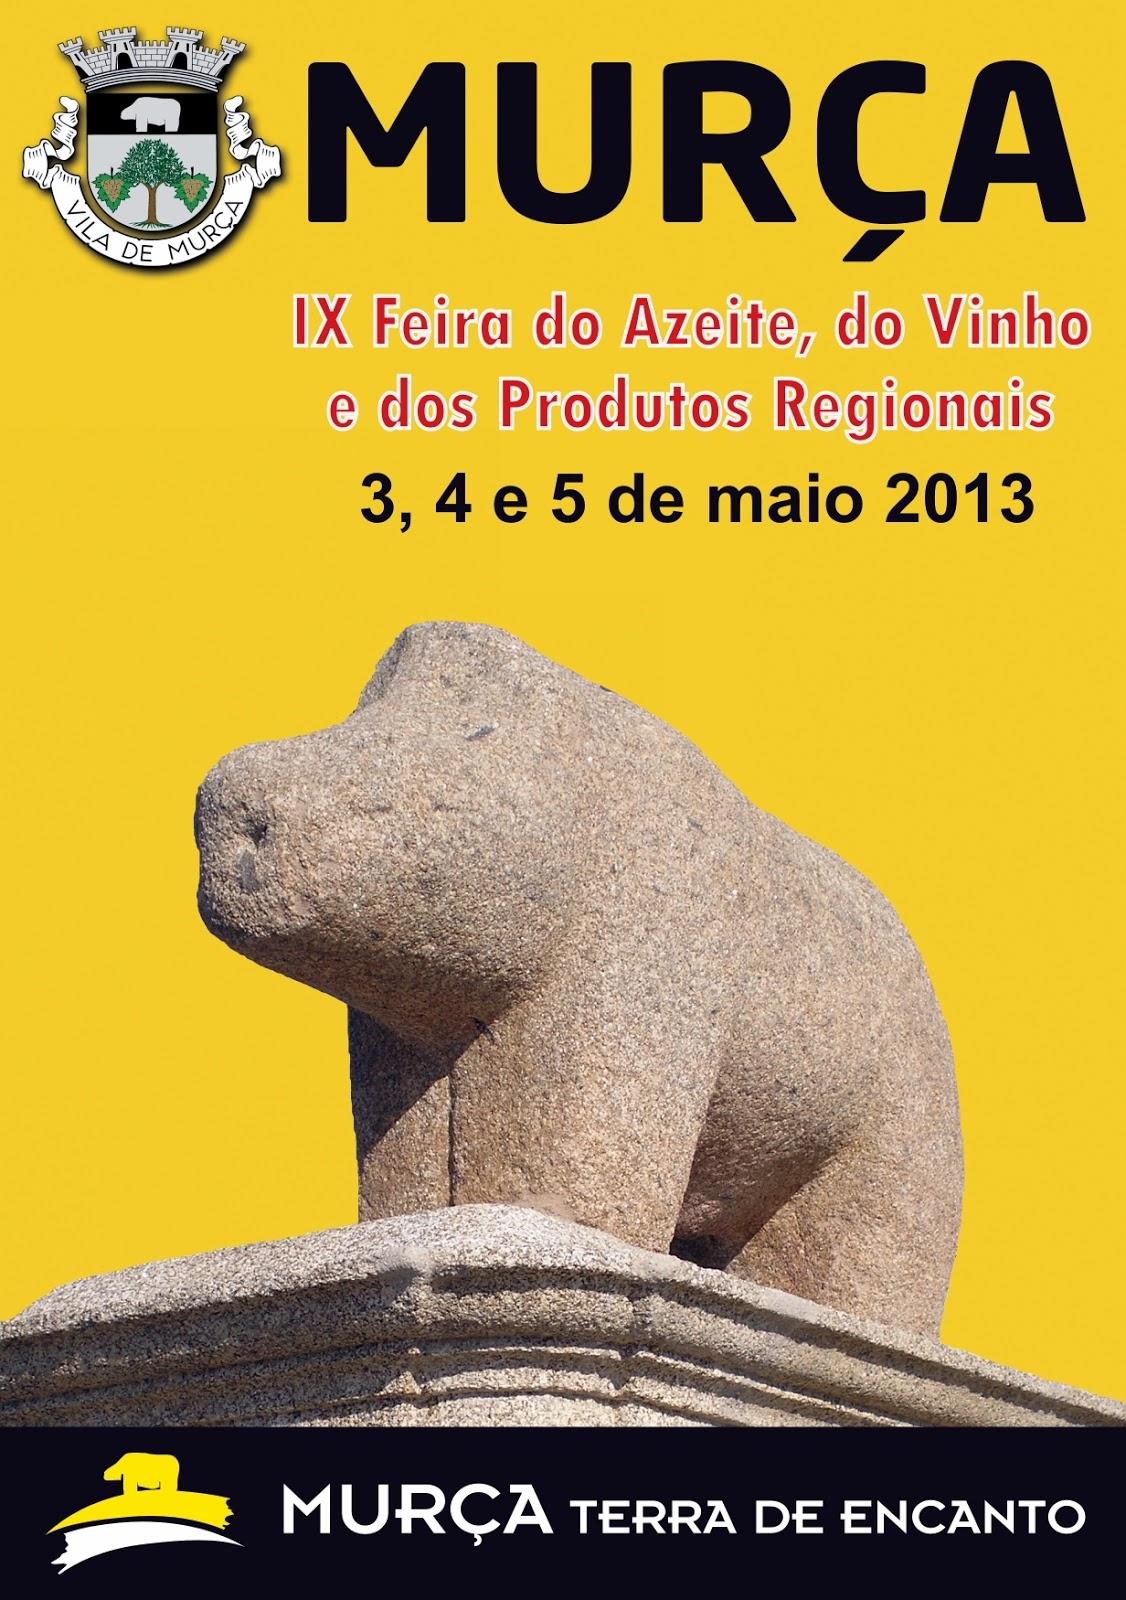 IX Feira do Azeite, do Vinho e dos Produtos Regionais em Murça